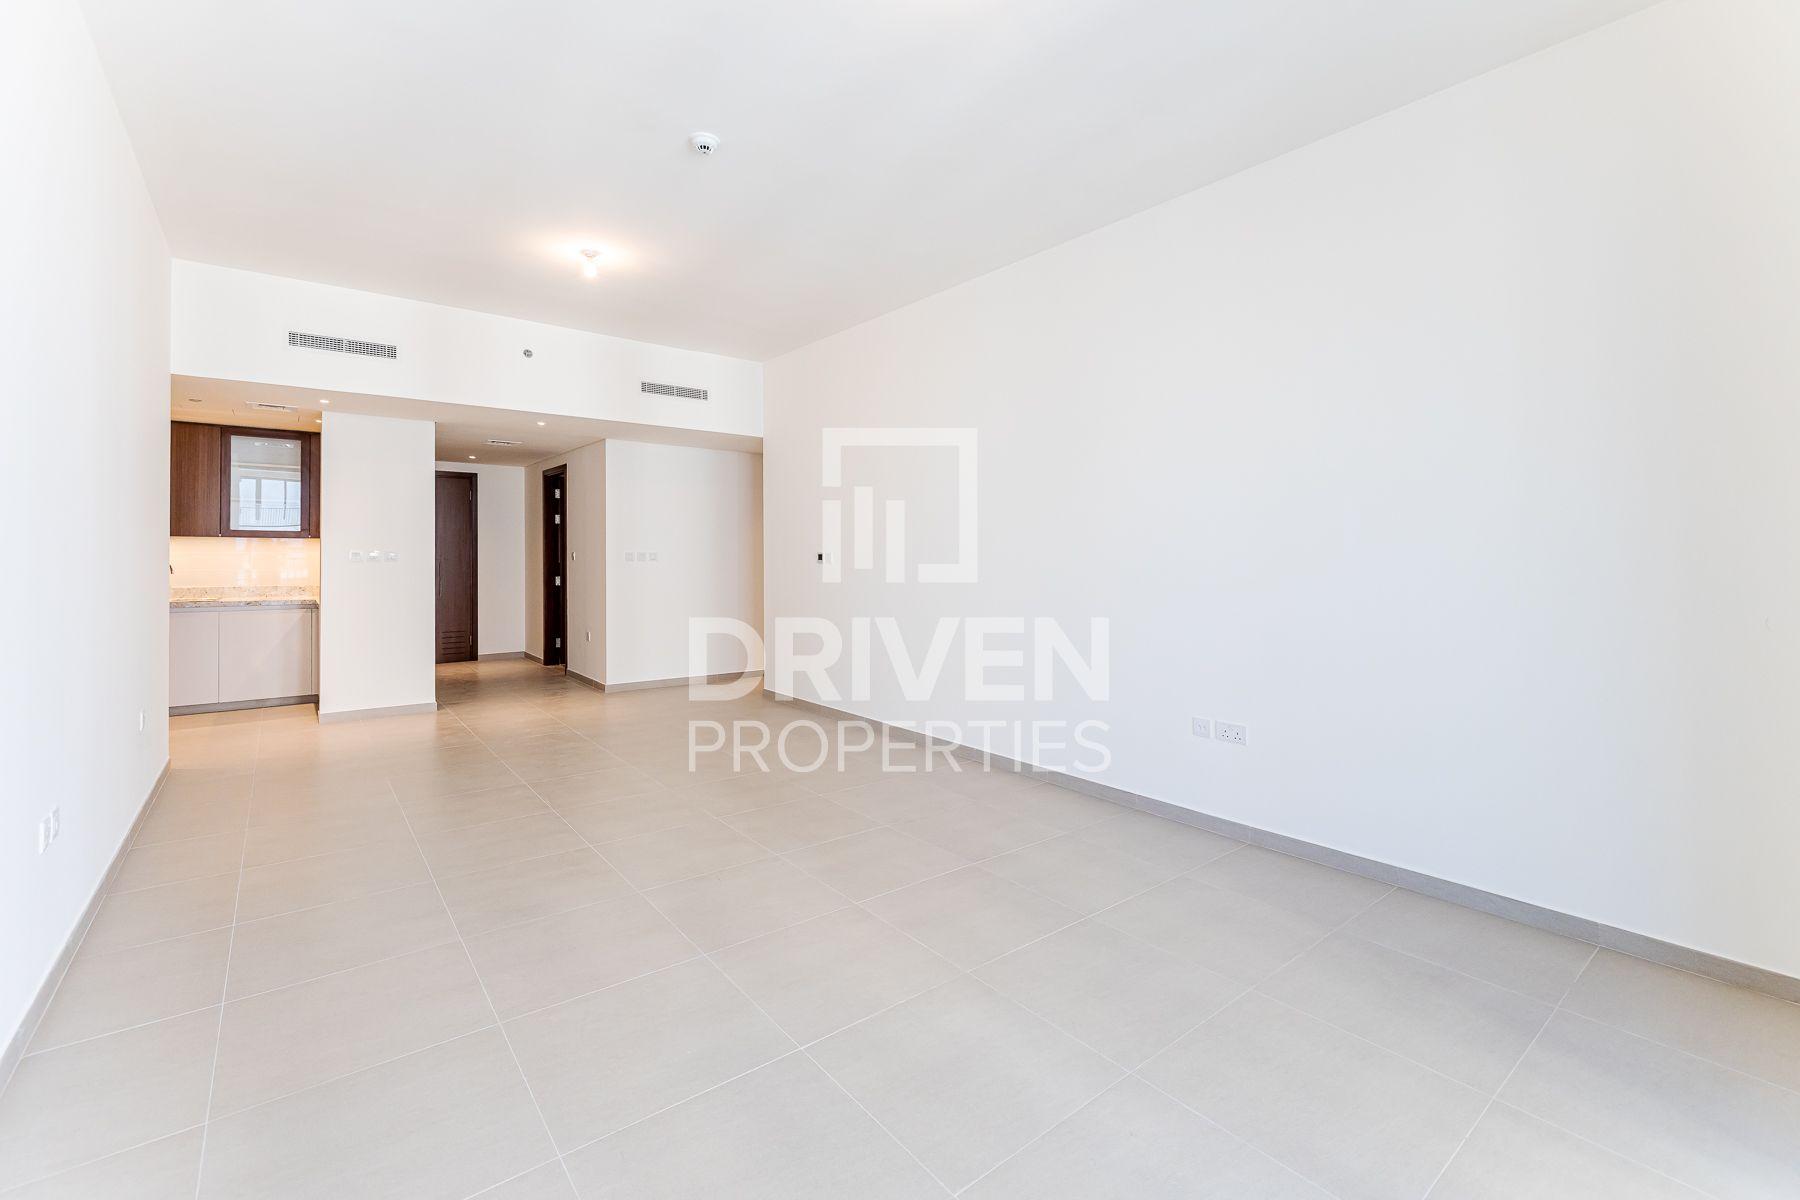 Burj Khalifa View |  Brand New Apartment